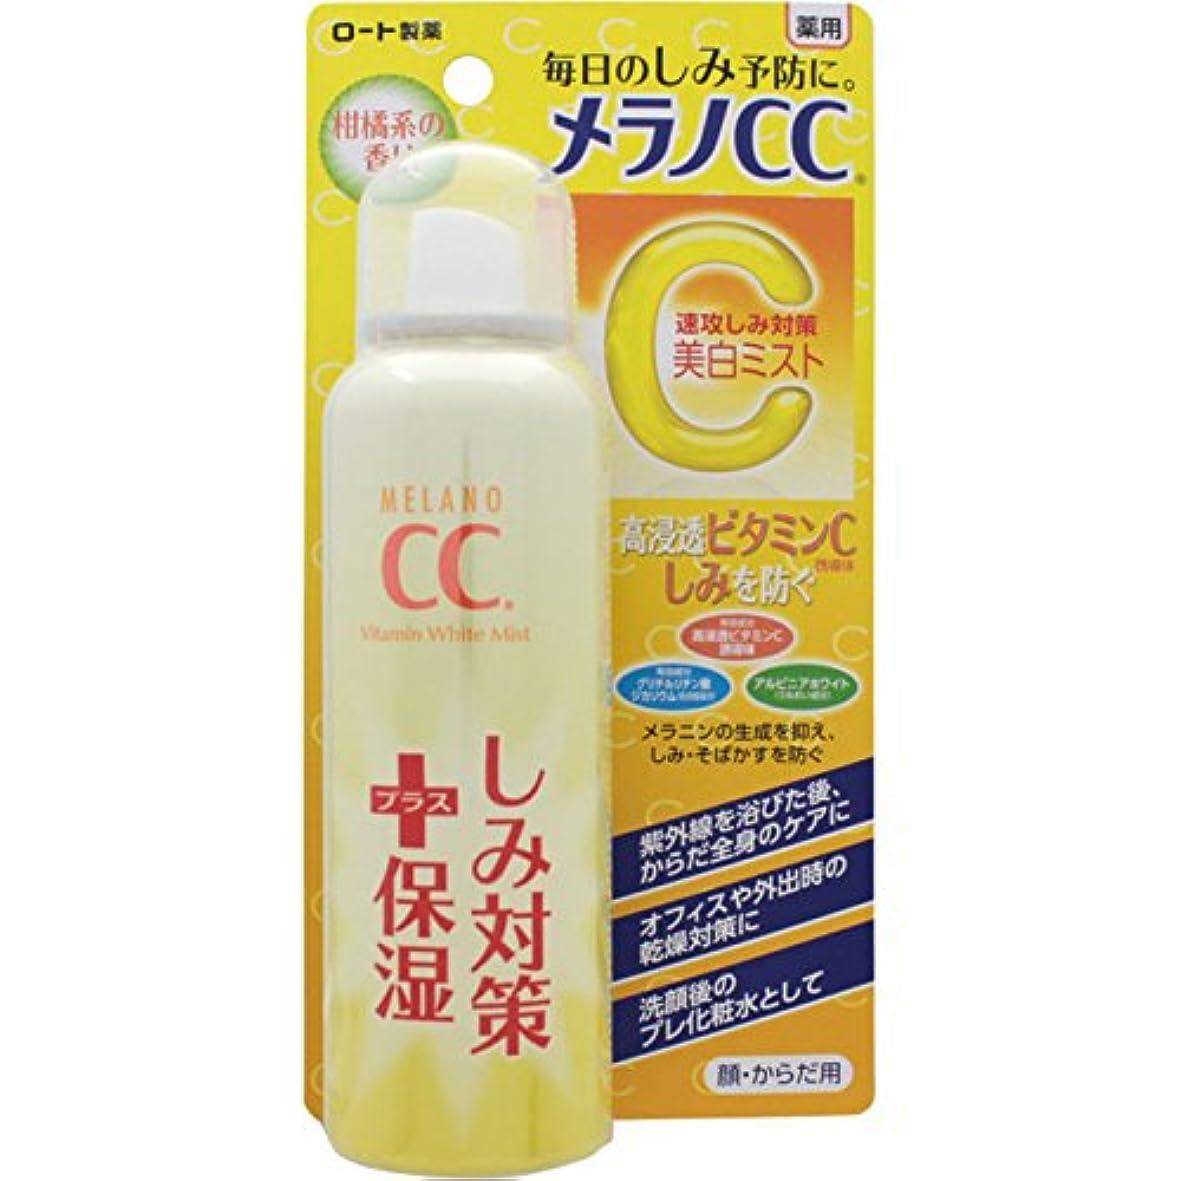 敬戻る特権【医薬部外品】メラノCC 薬用しみ対策 美白ミスト化粧水 100g